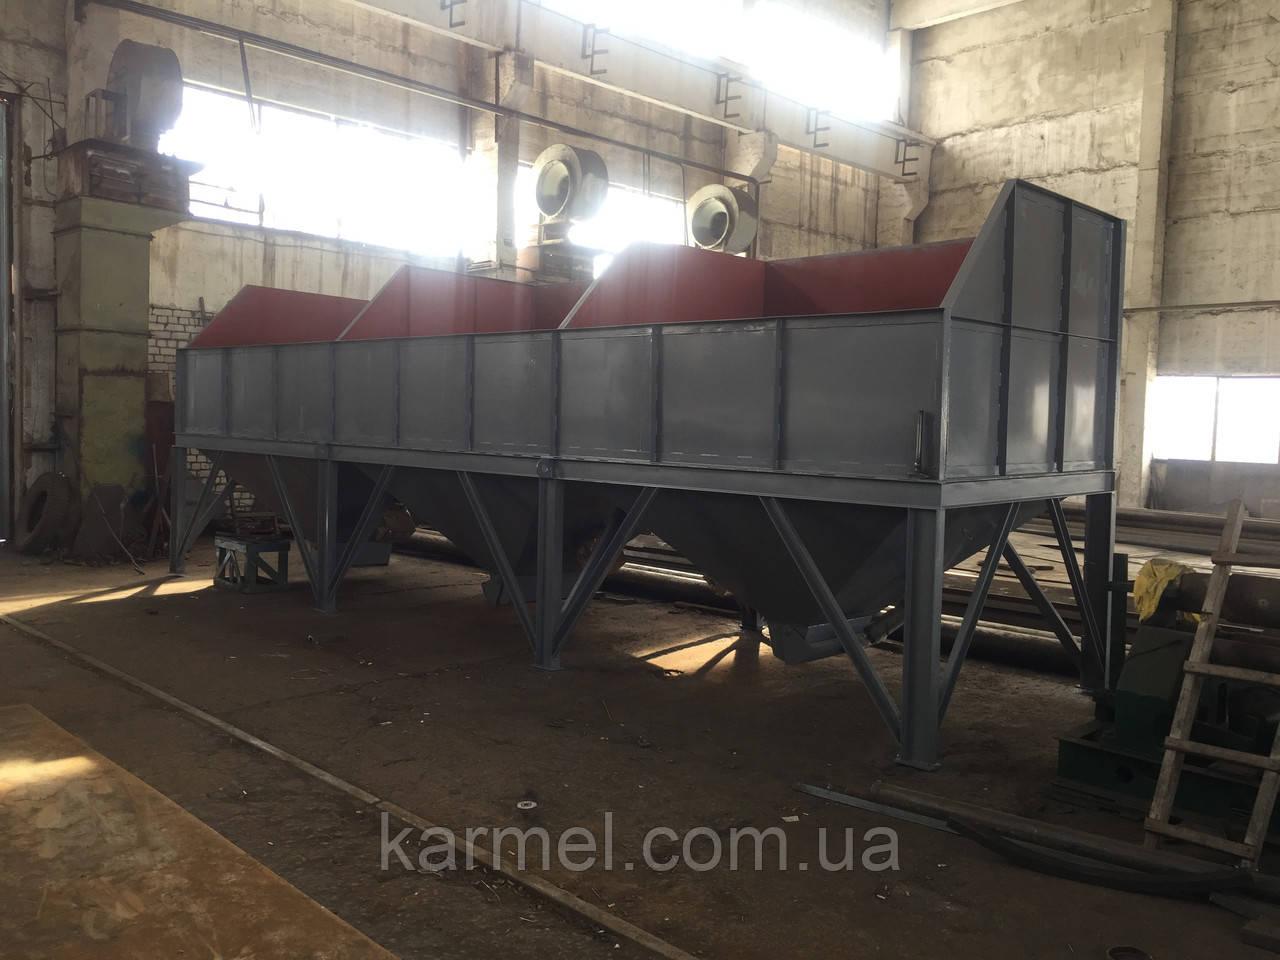 Бункер трёх секционный для хранения инертных материалов KARMEL